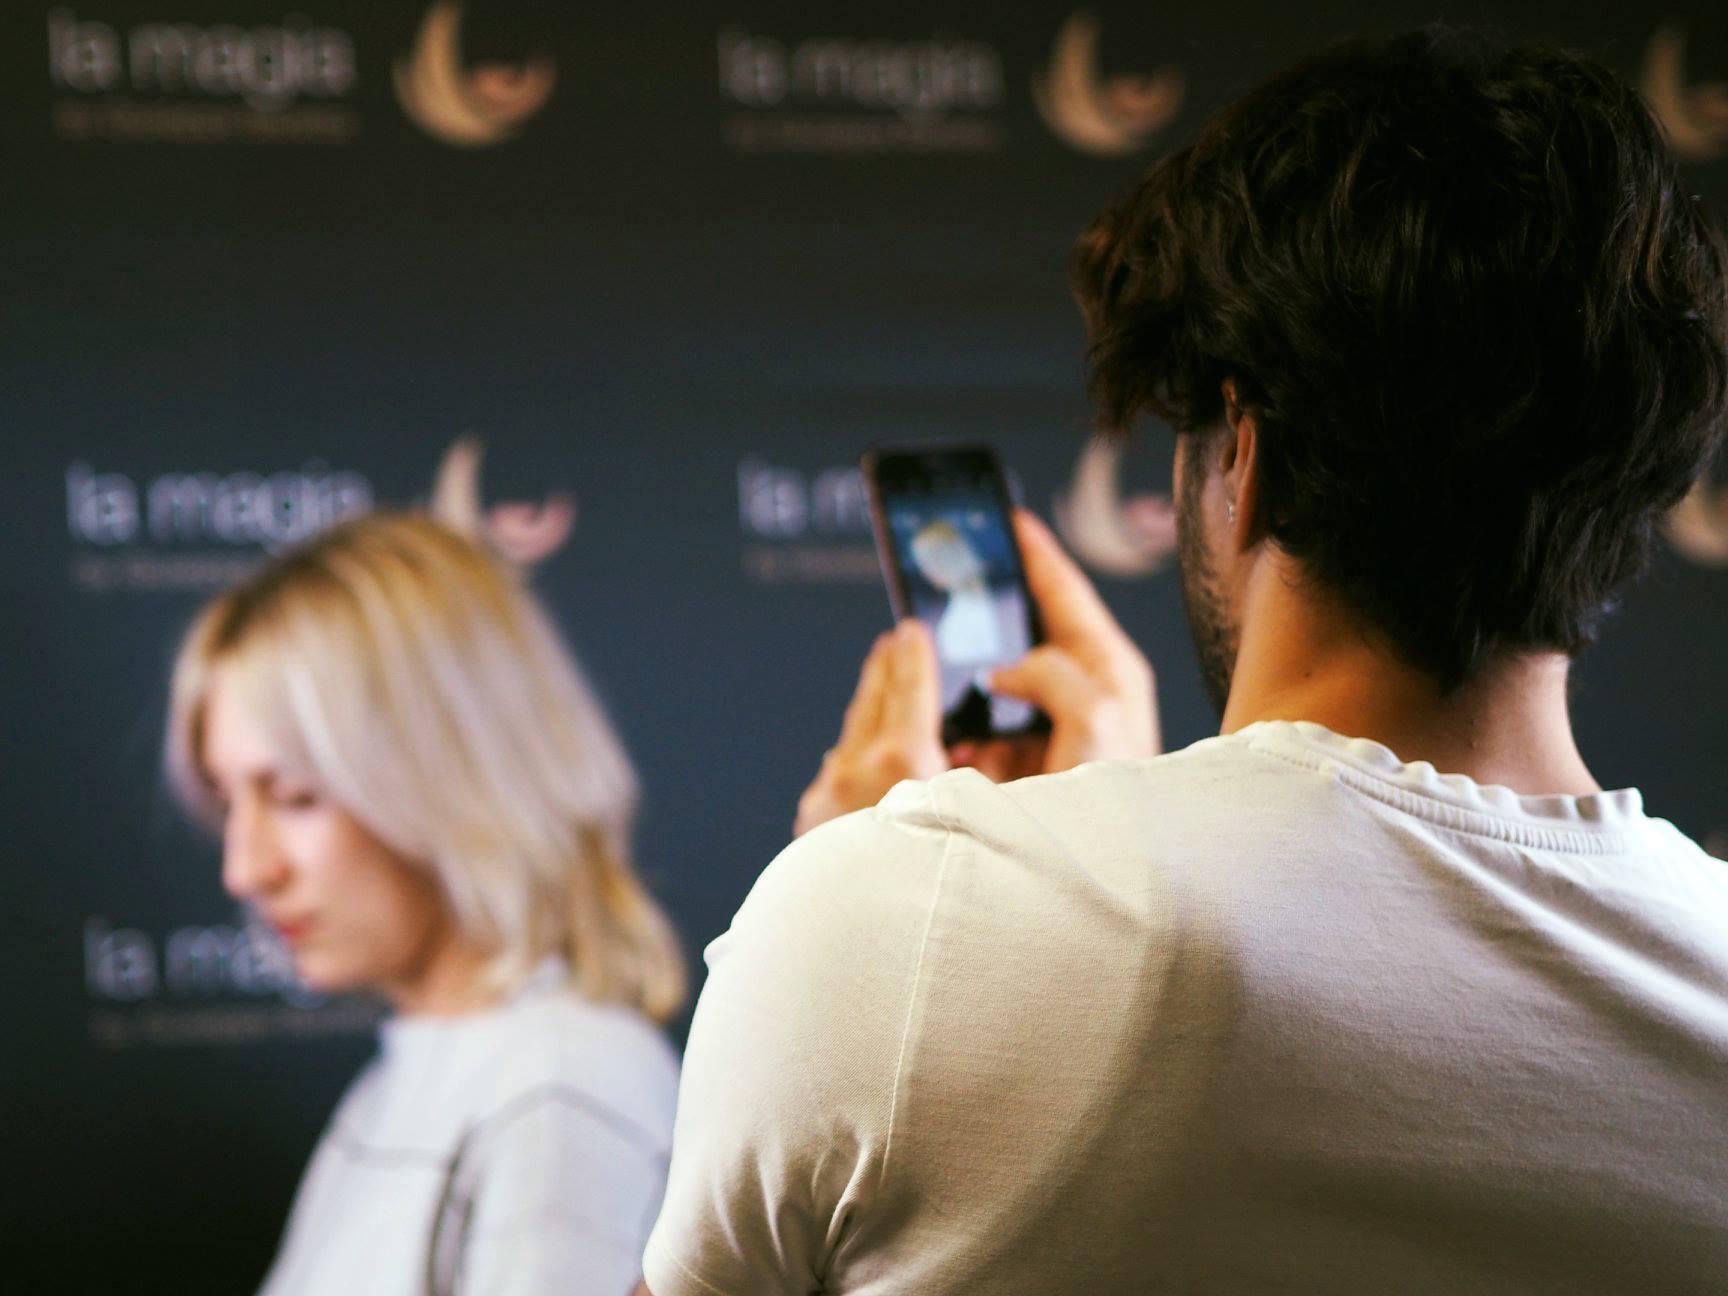 Haarschnitt wird fotografiert - Friseur Pforzheim